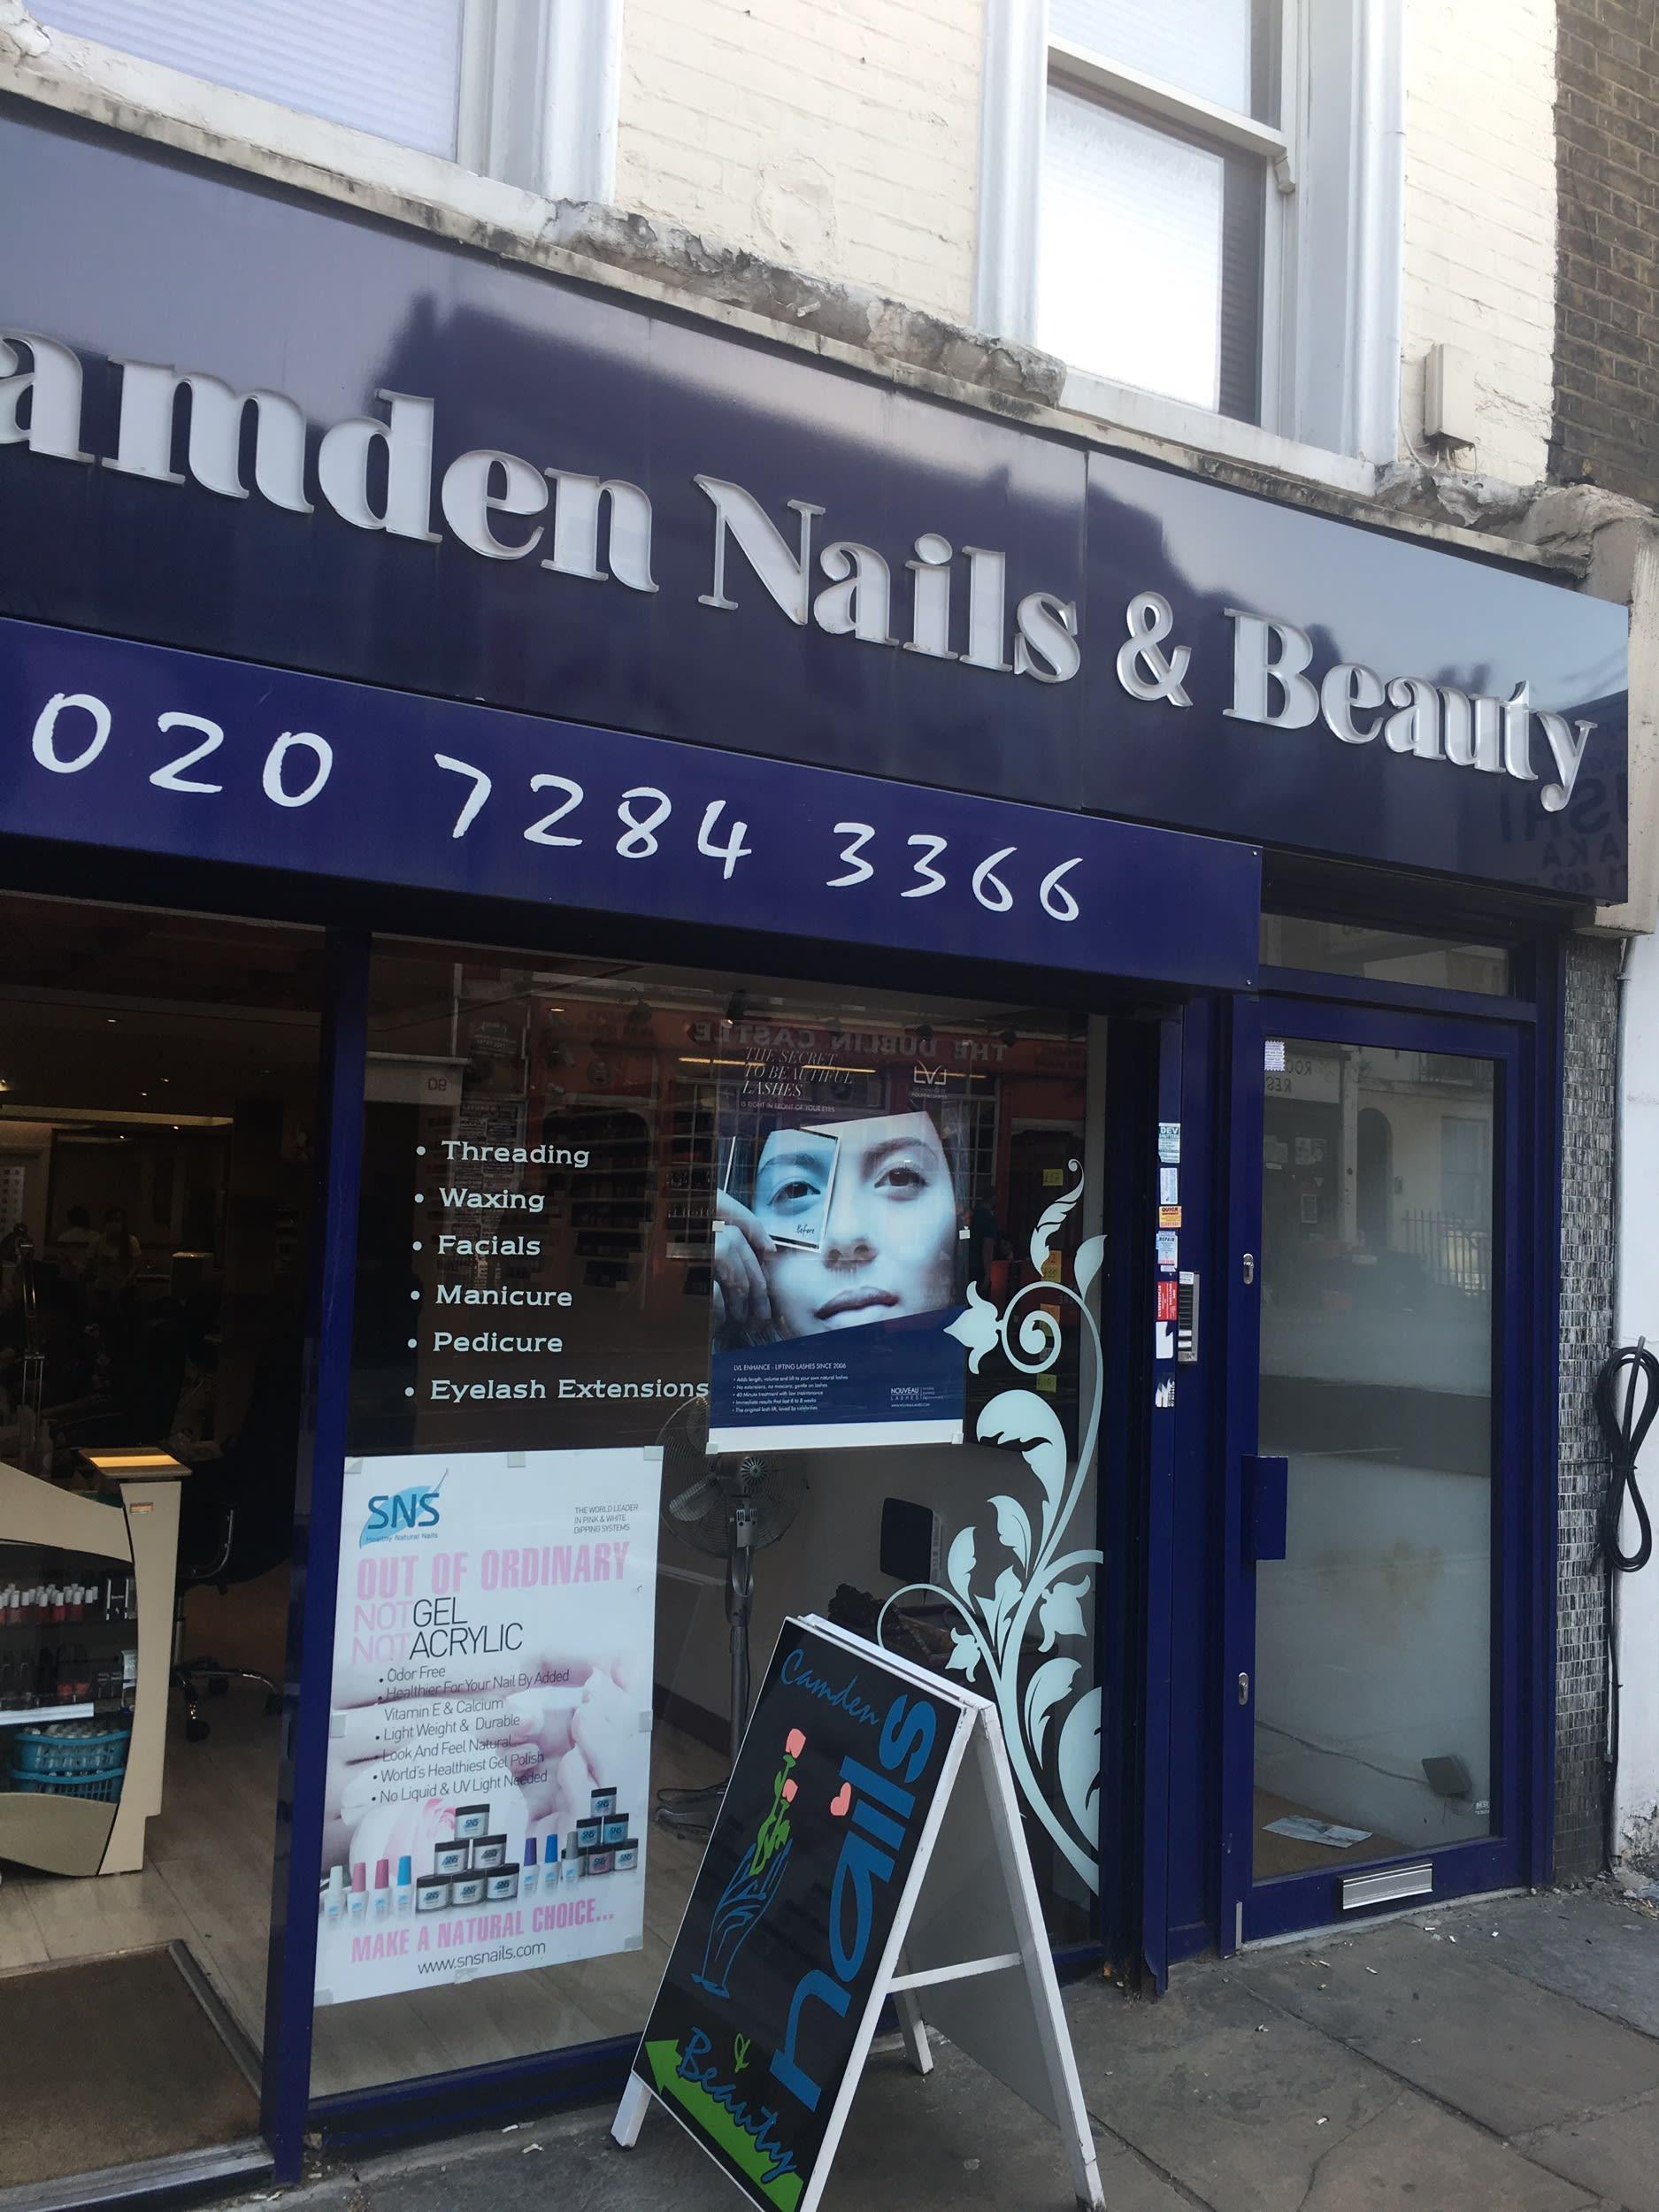 Camden Nails & Beauty